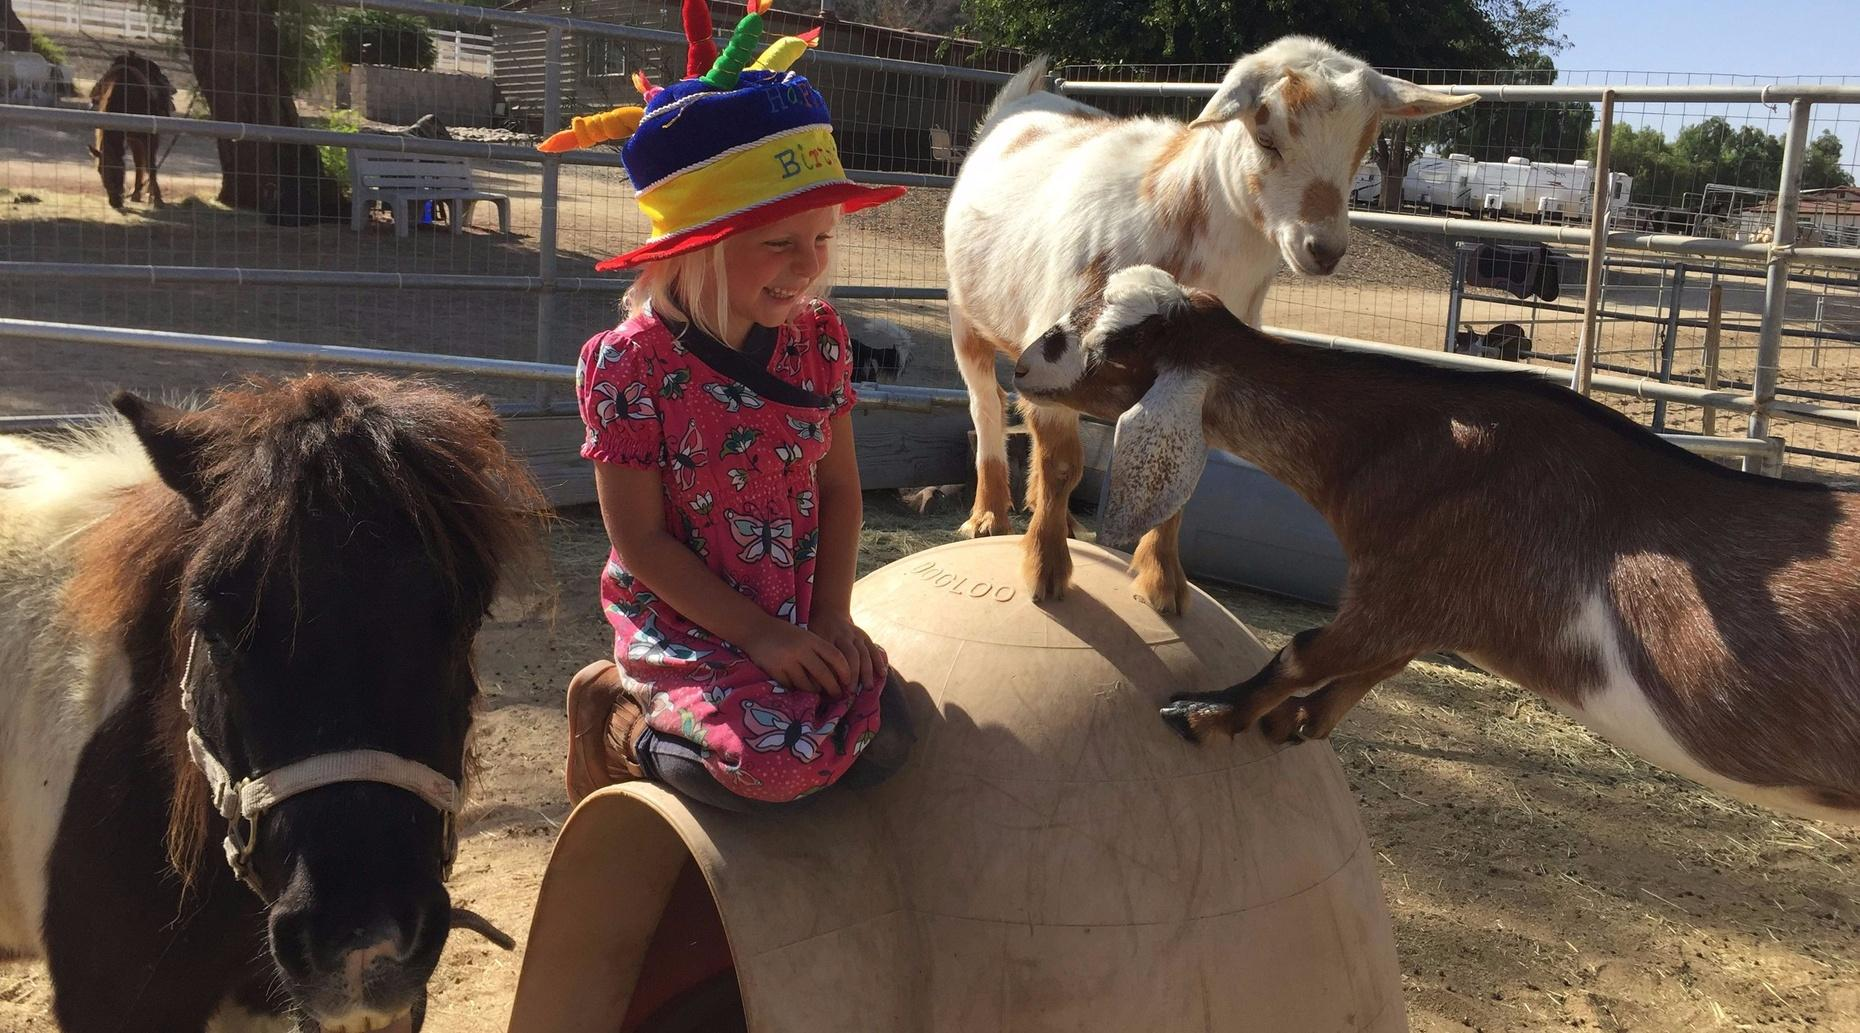 Pony Ride & Petting Zoo in Murrieta